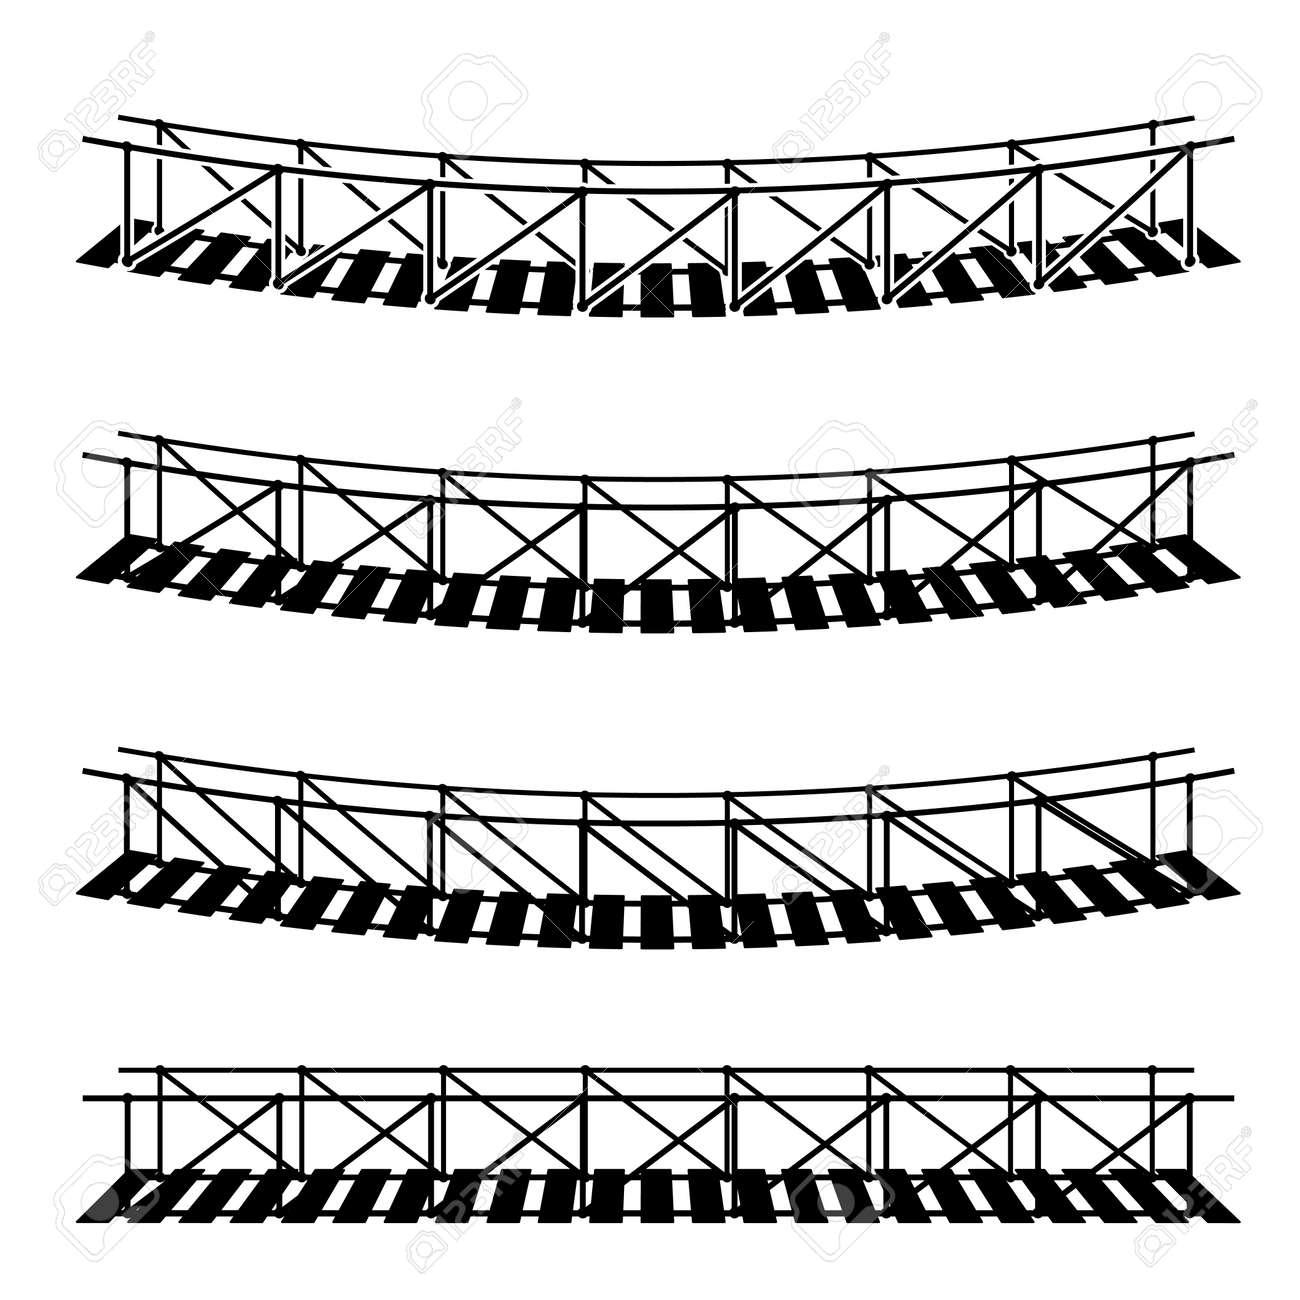 vector simple rope suspension hanging bridge black symbol - 56451497